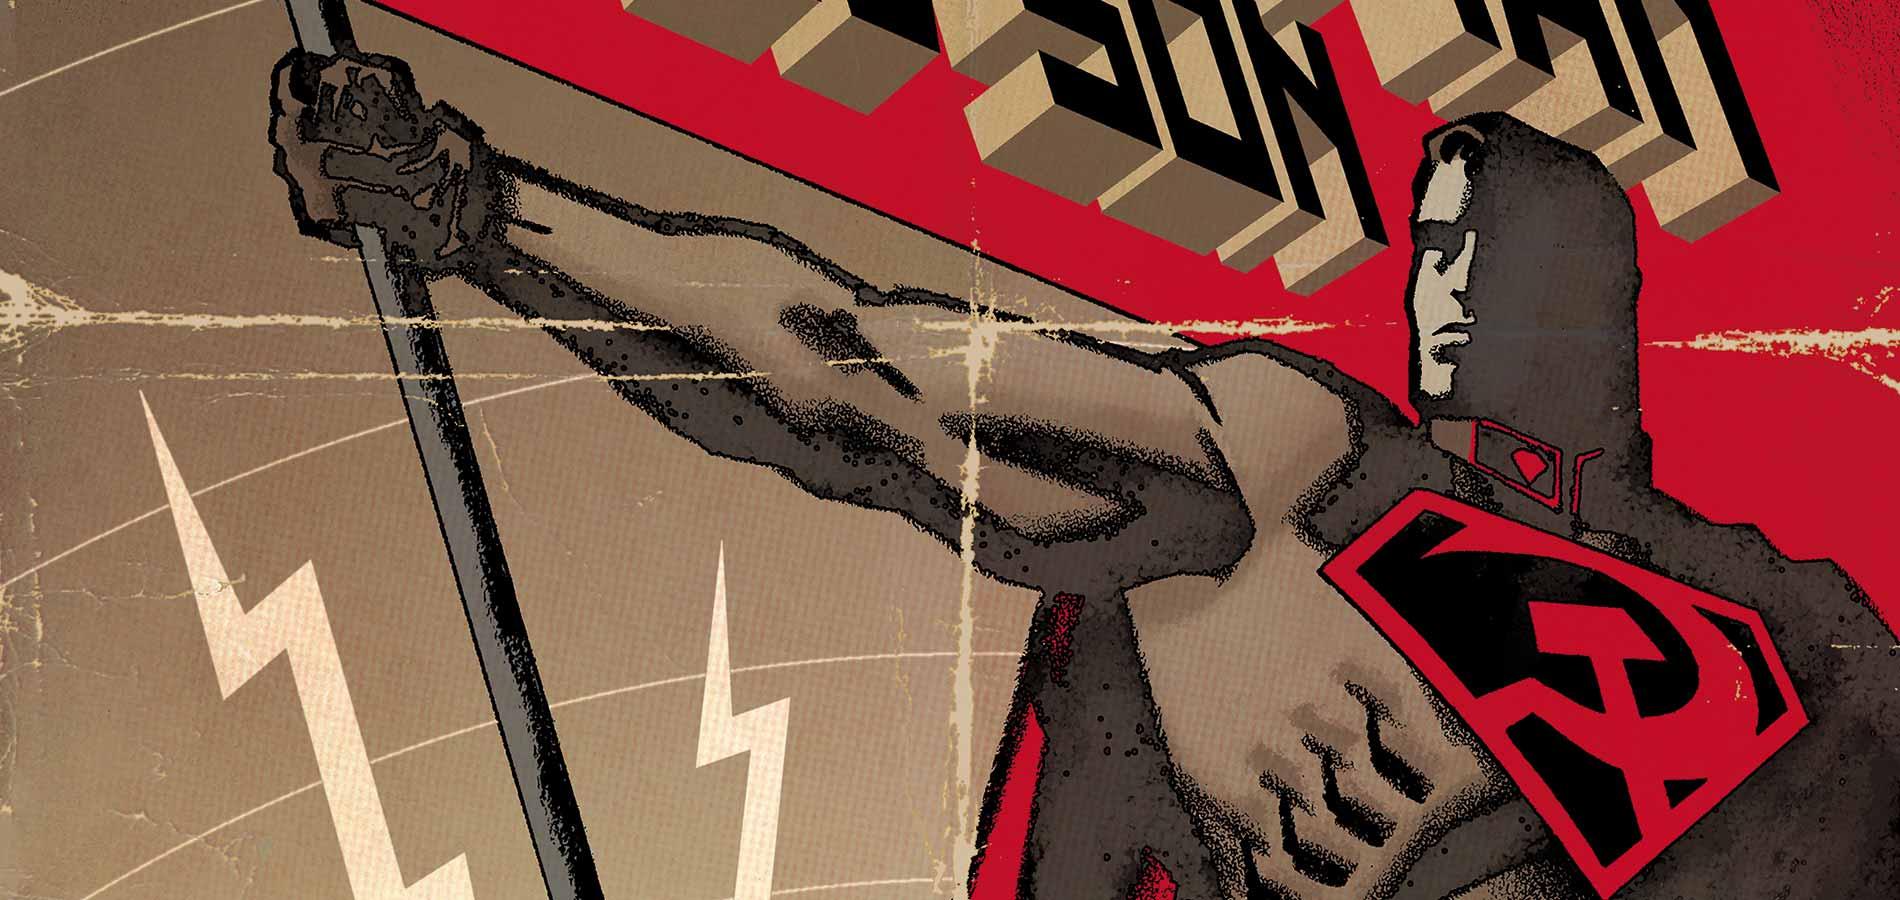 为苏联代言 DC宣布《超人:红色之子》动画电影化